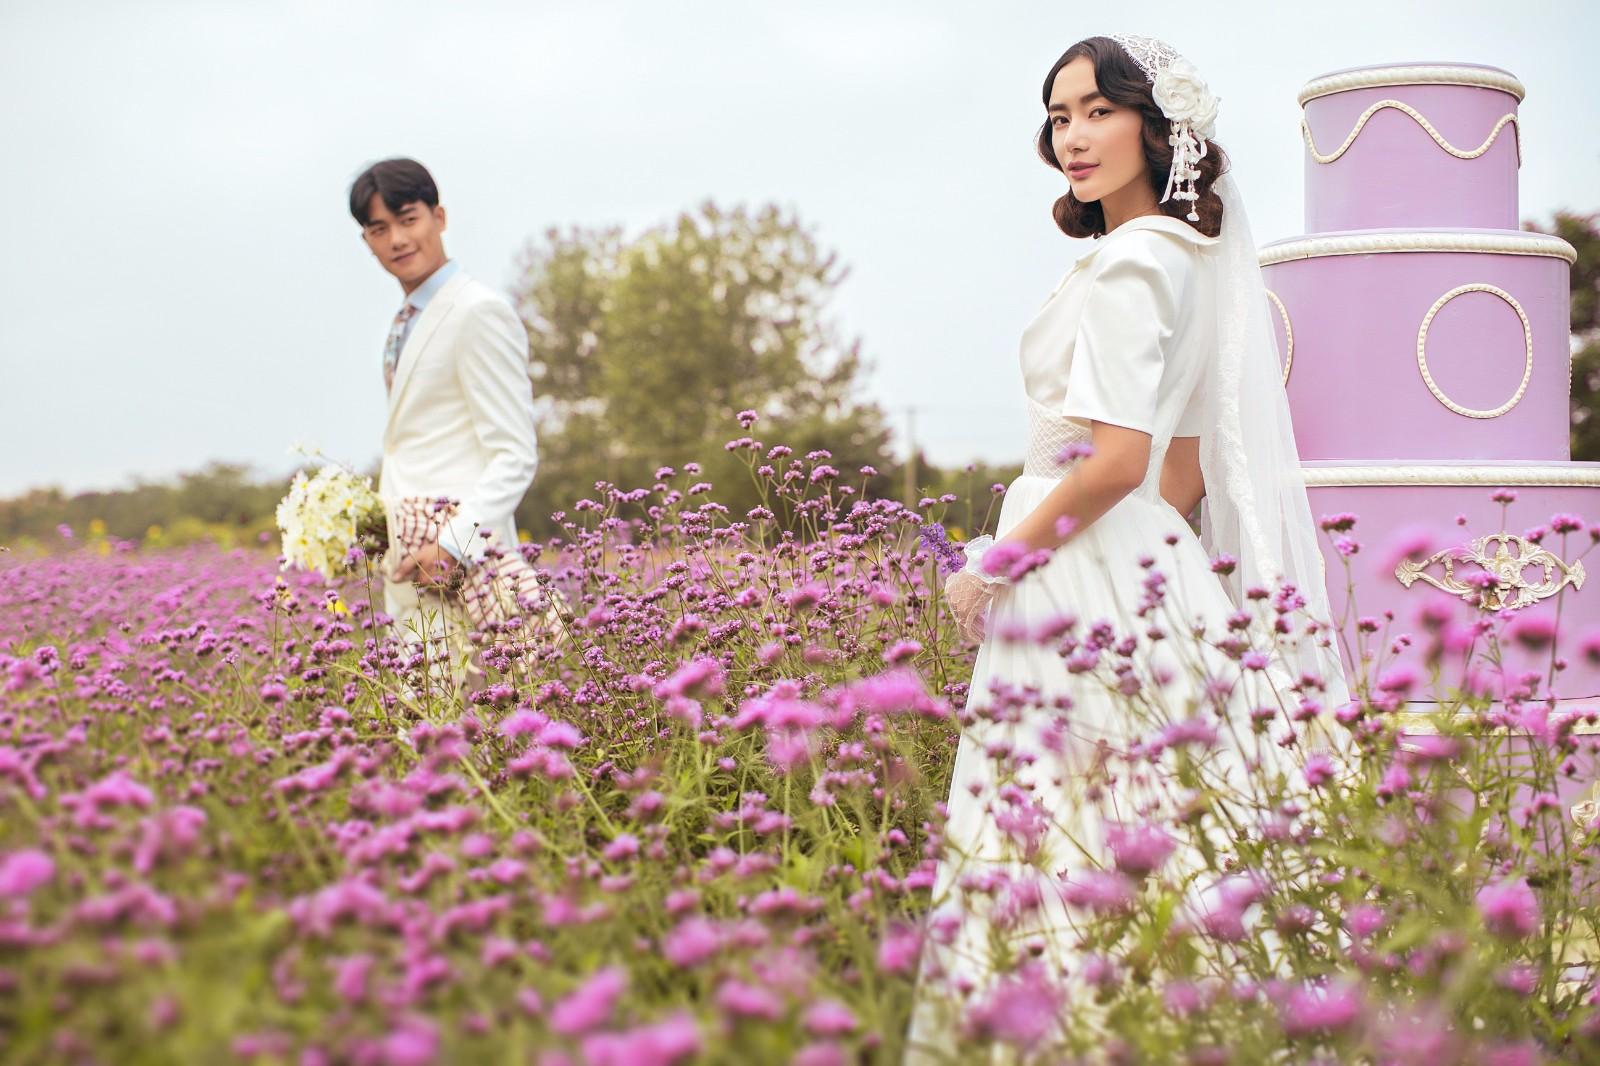 去大理丽江拍婚纱照大概需要多少钱?